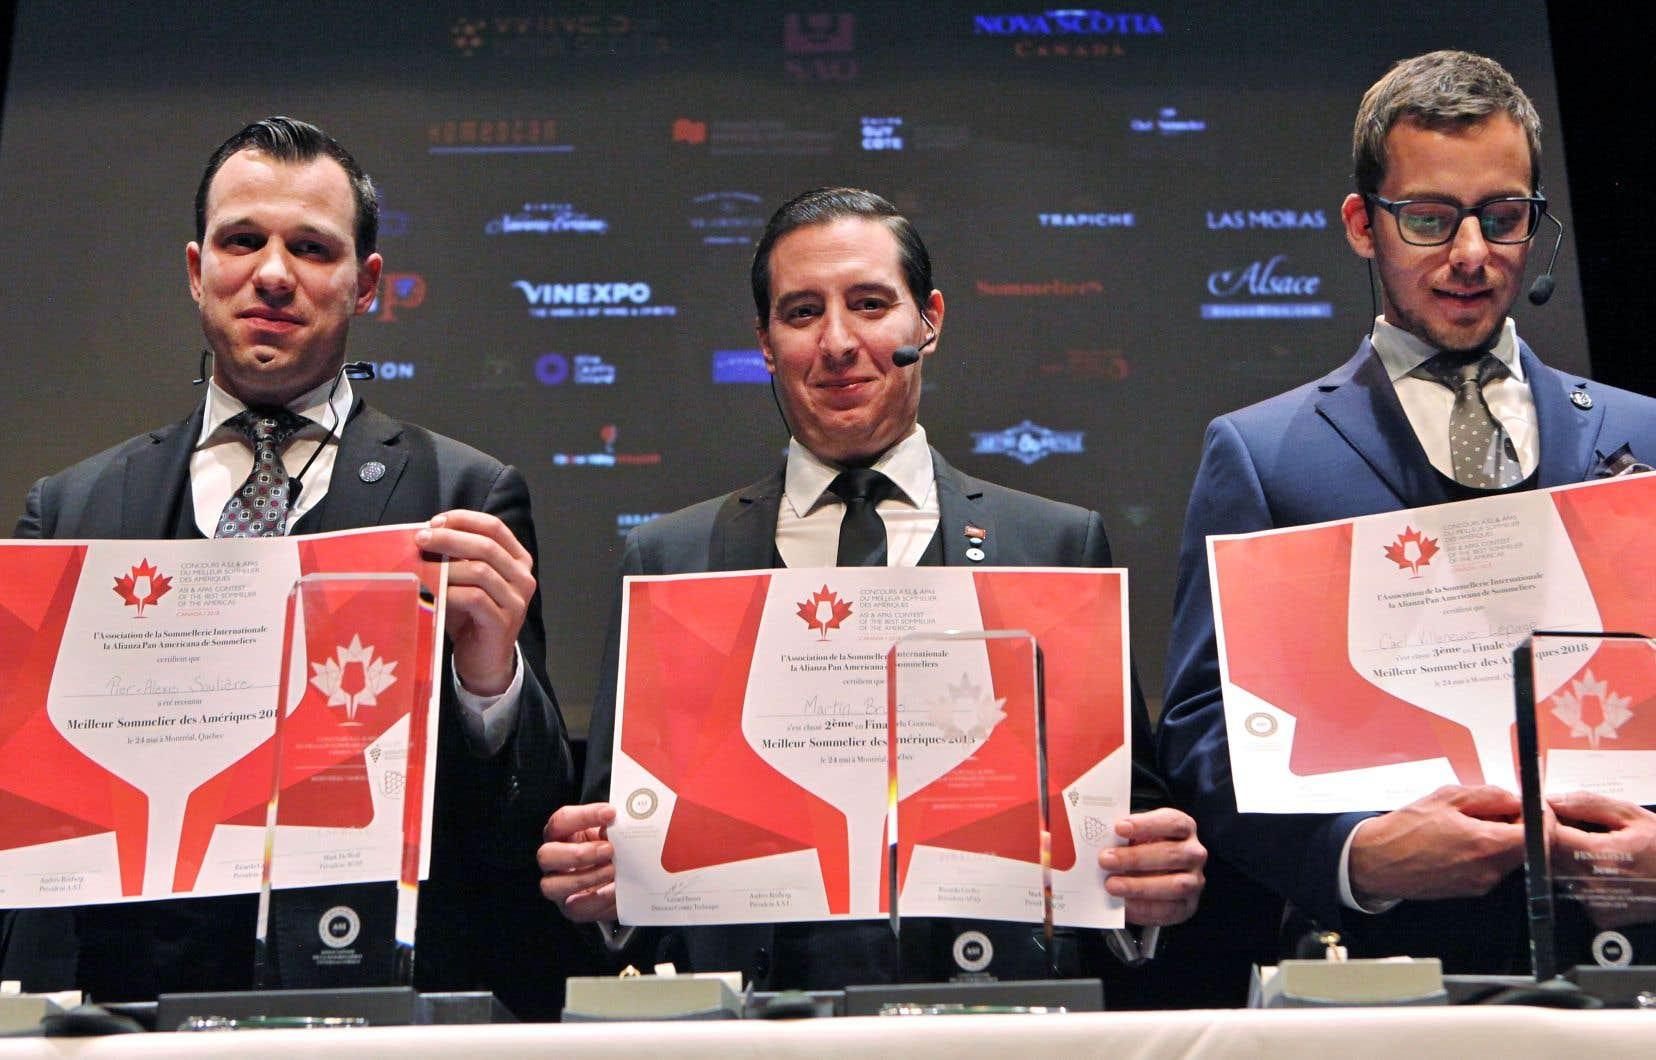 De gauche à droite: Pier-Alexis Soulière, Martin Bruno et Carl Villeneuve-Lepage